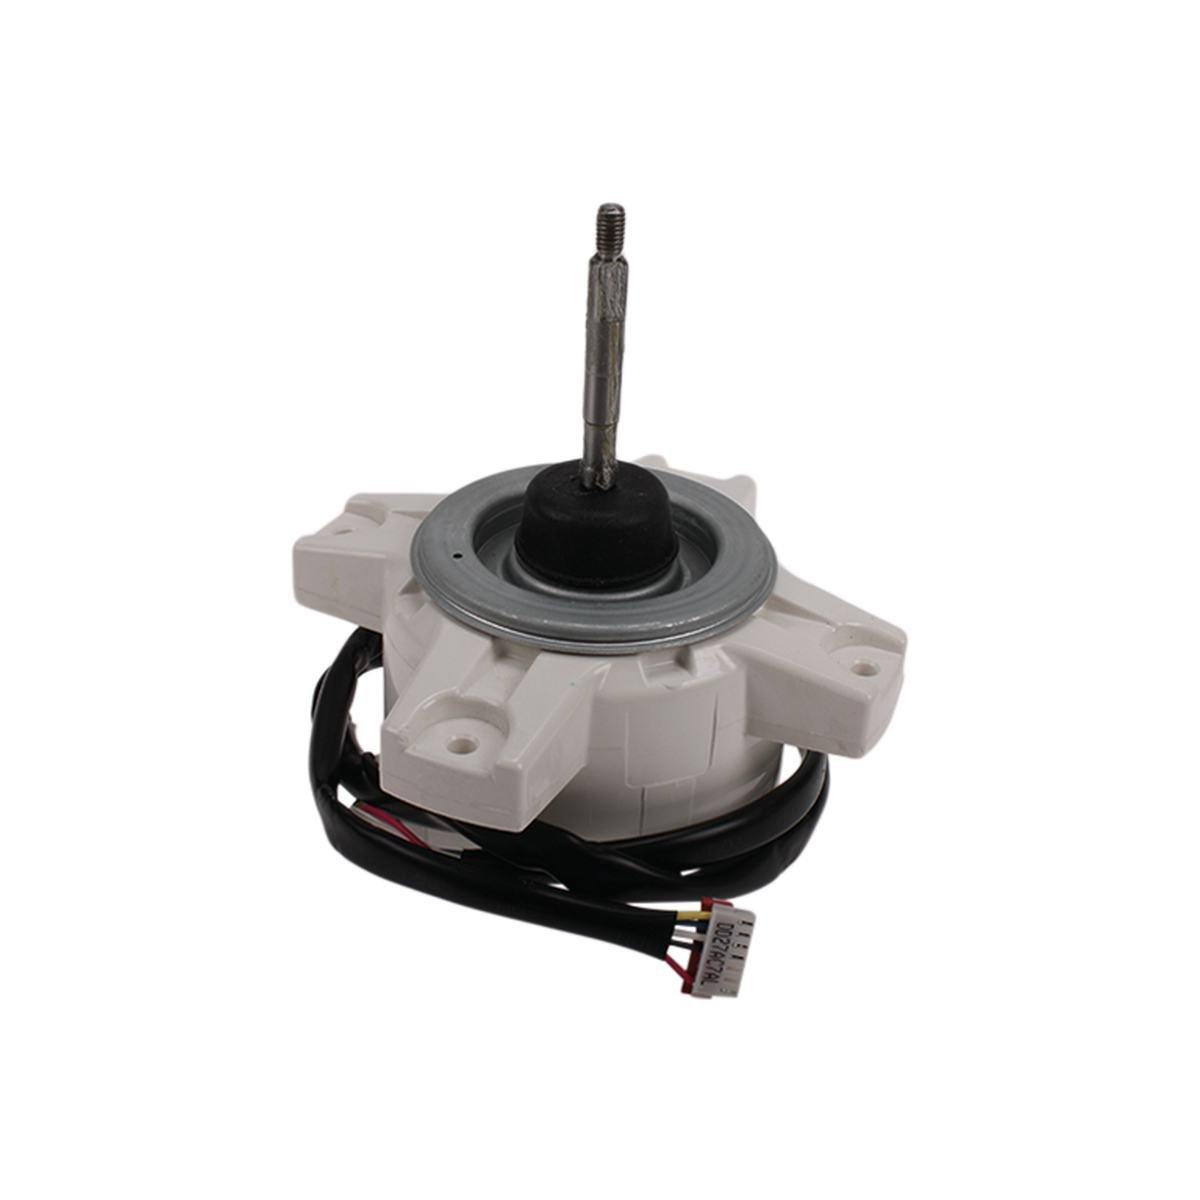 Fläktmotor till värmepump outdoor - LG Electronics